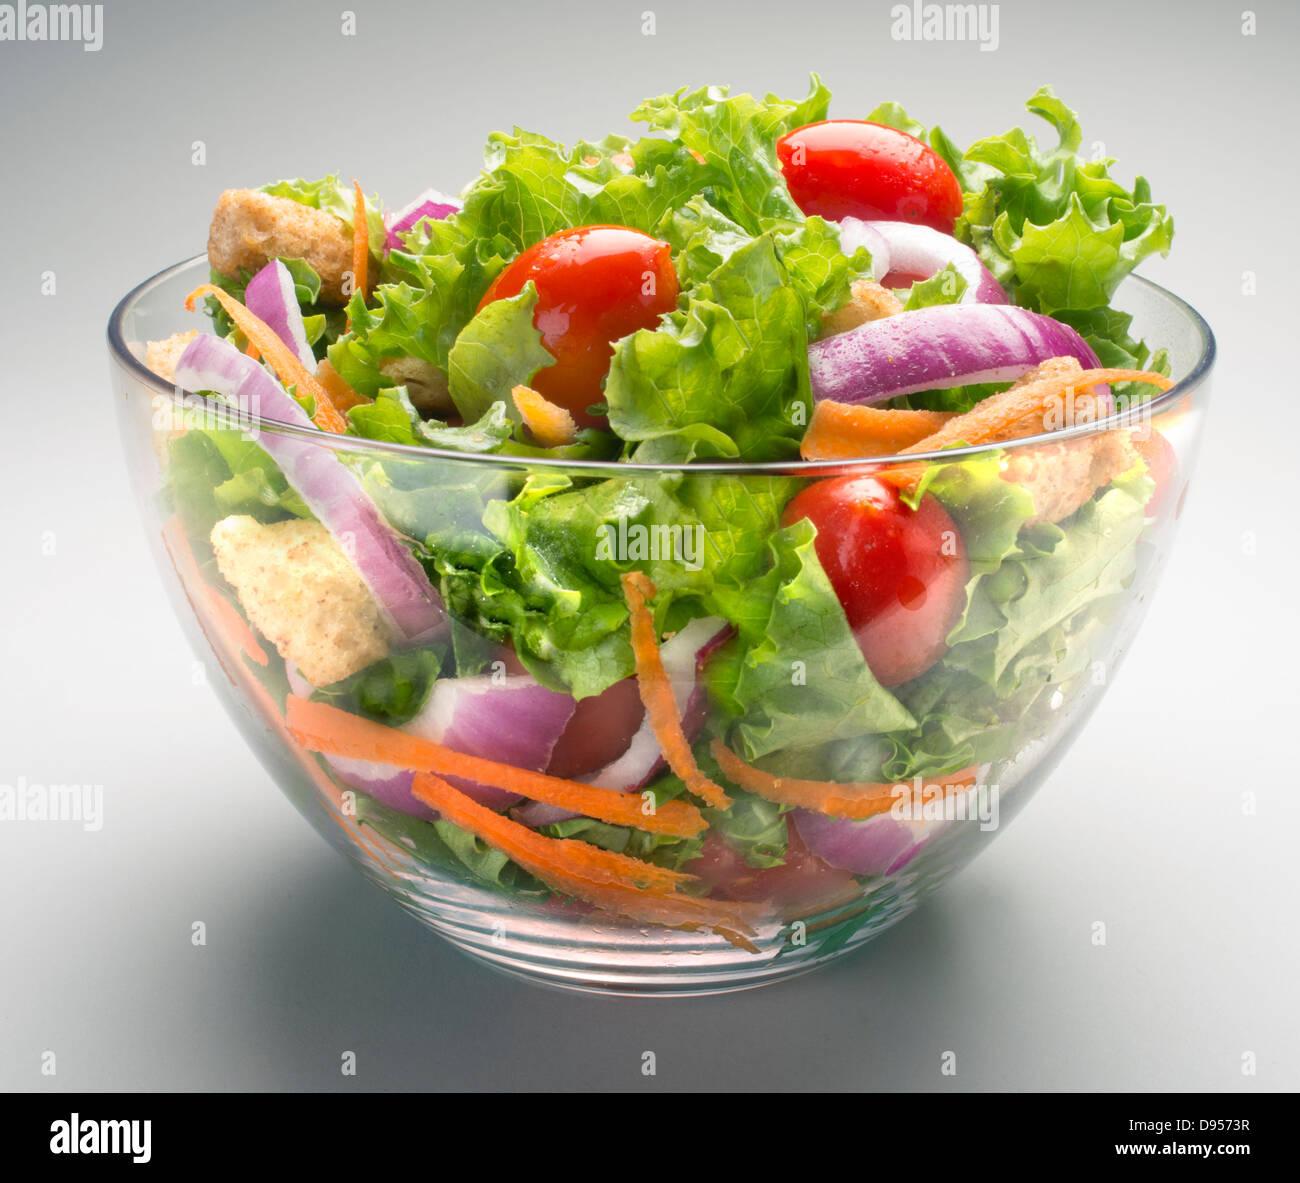 Salat, Schüssel, mit Gemüse Stockbild